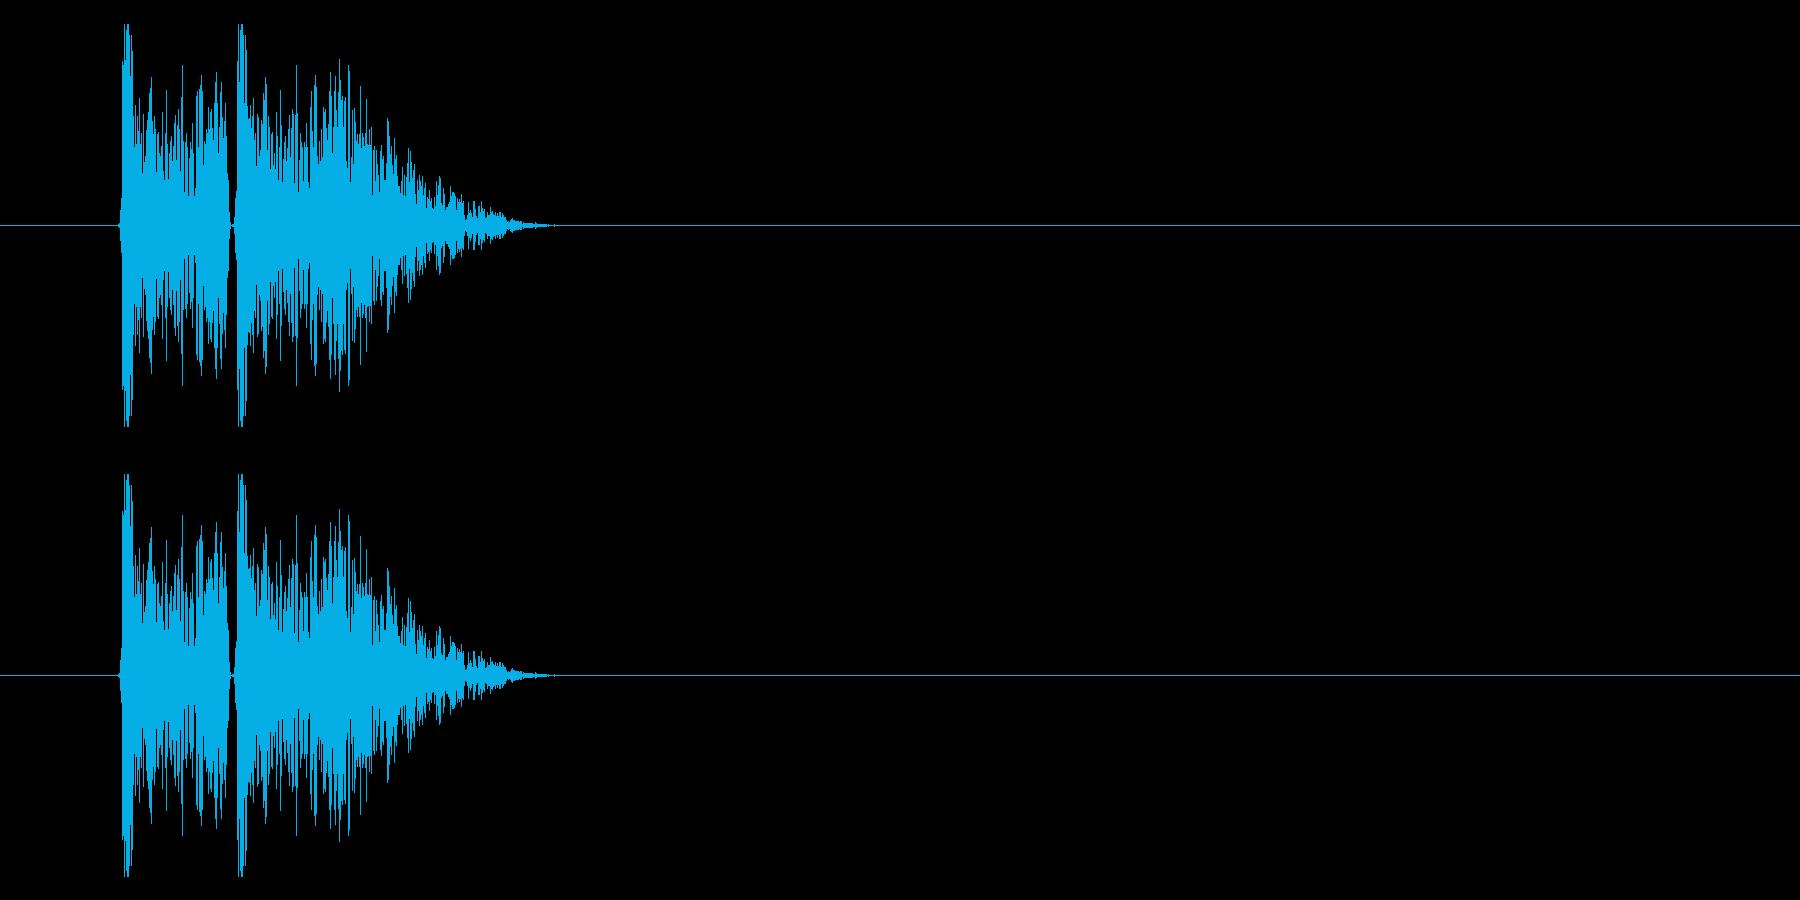 打撃09-2の再生済みの波形